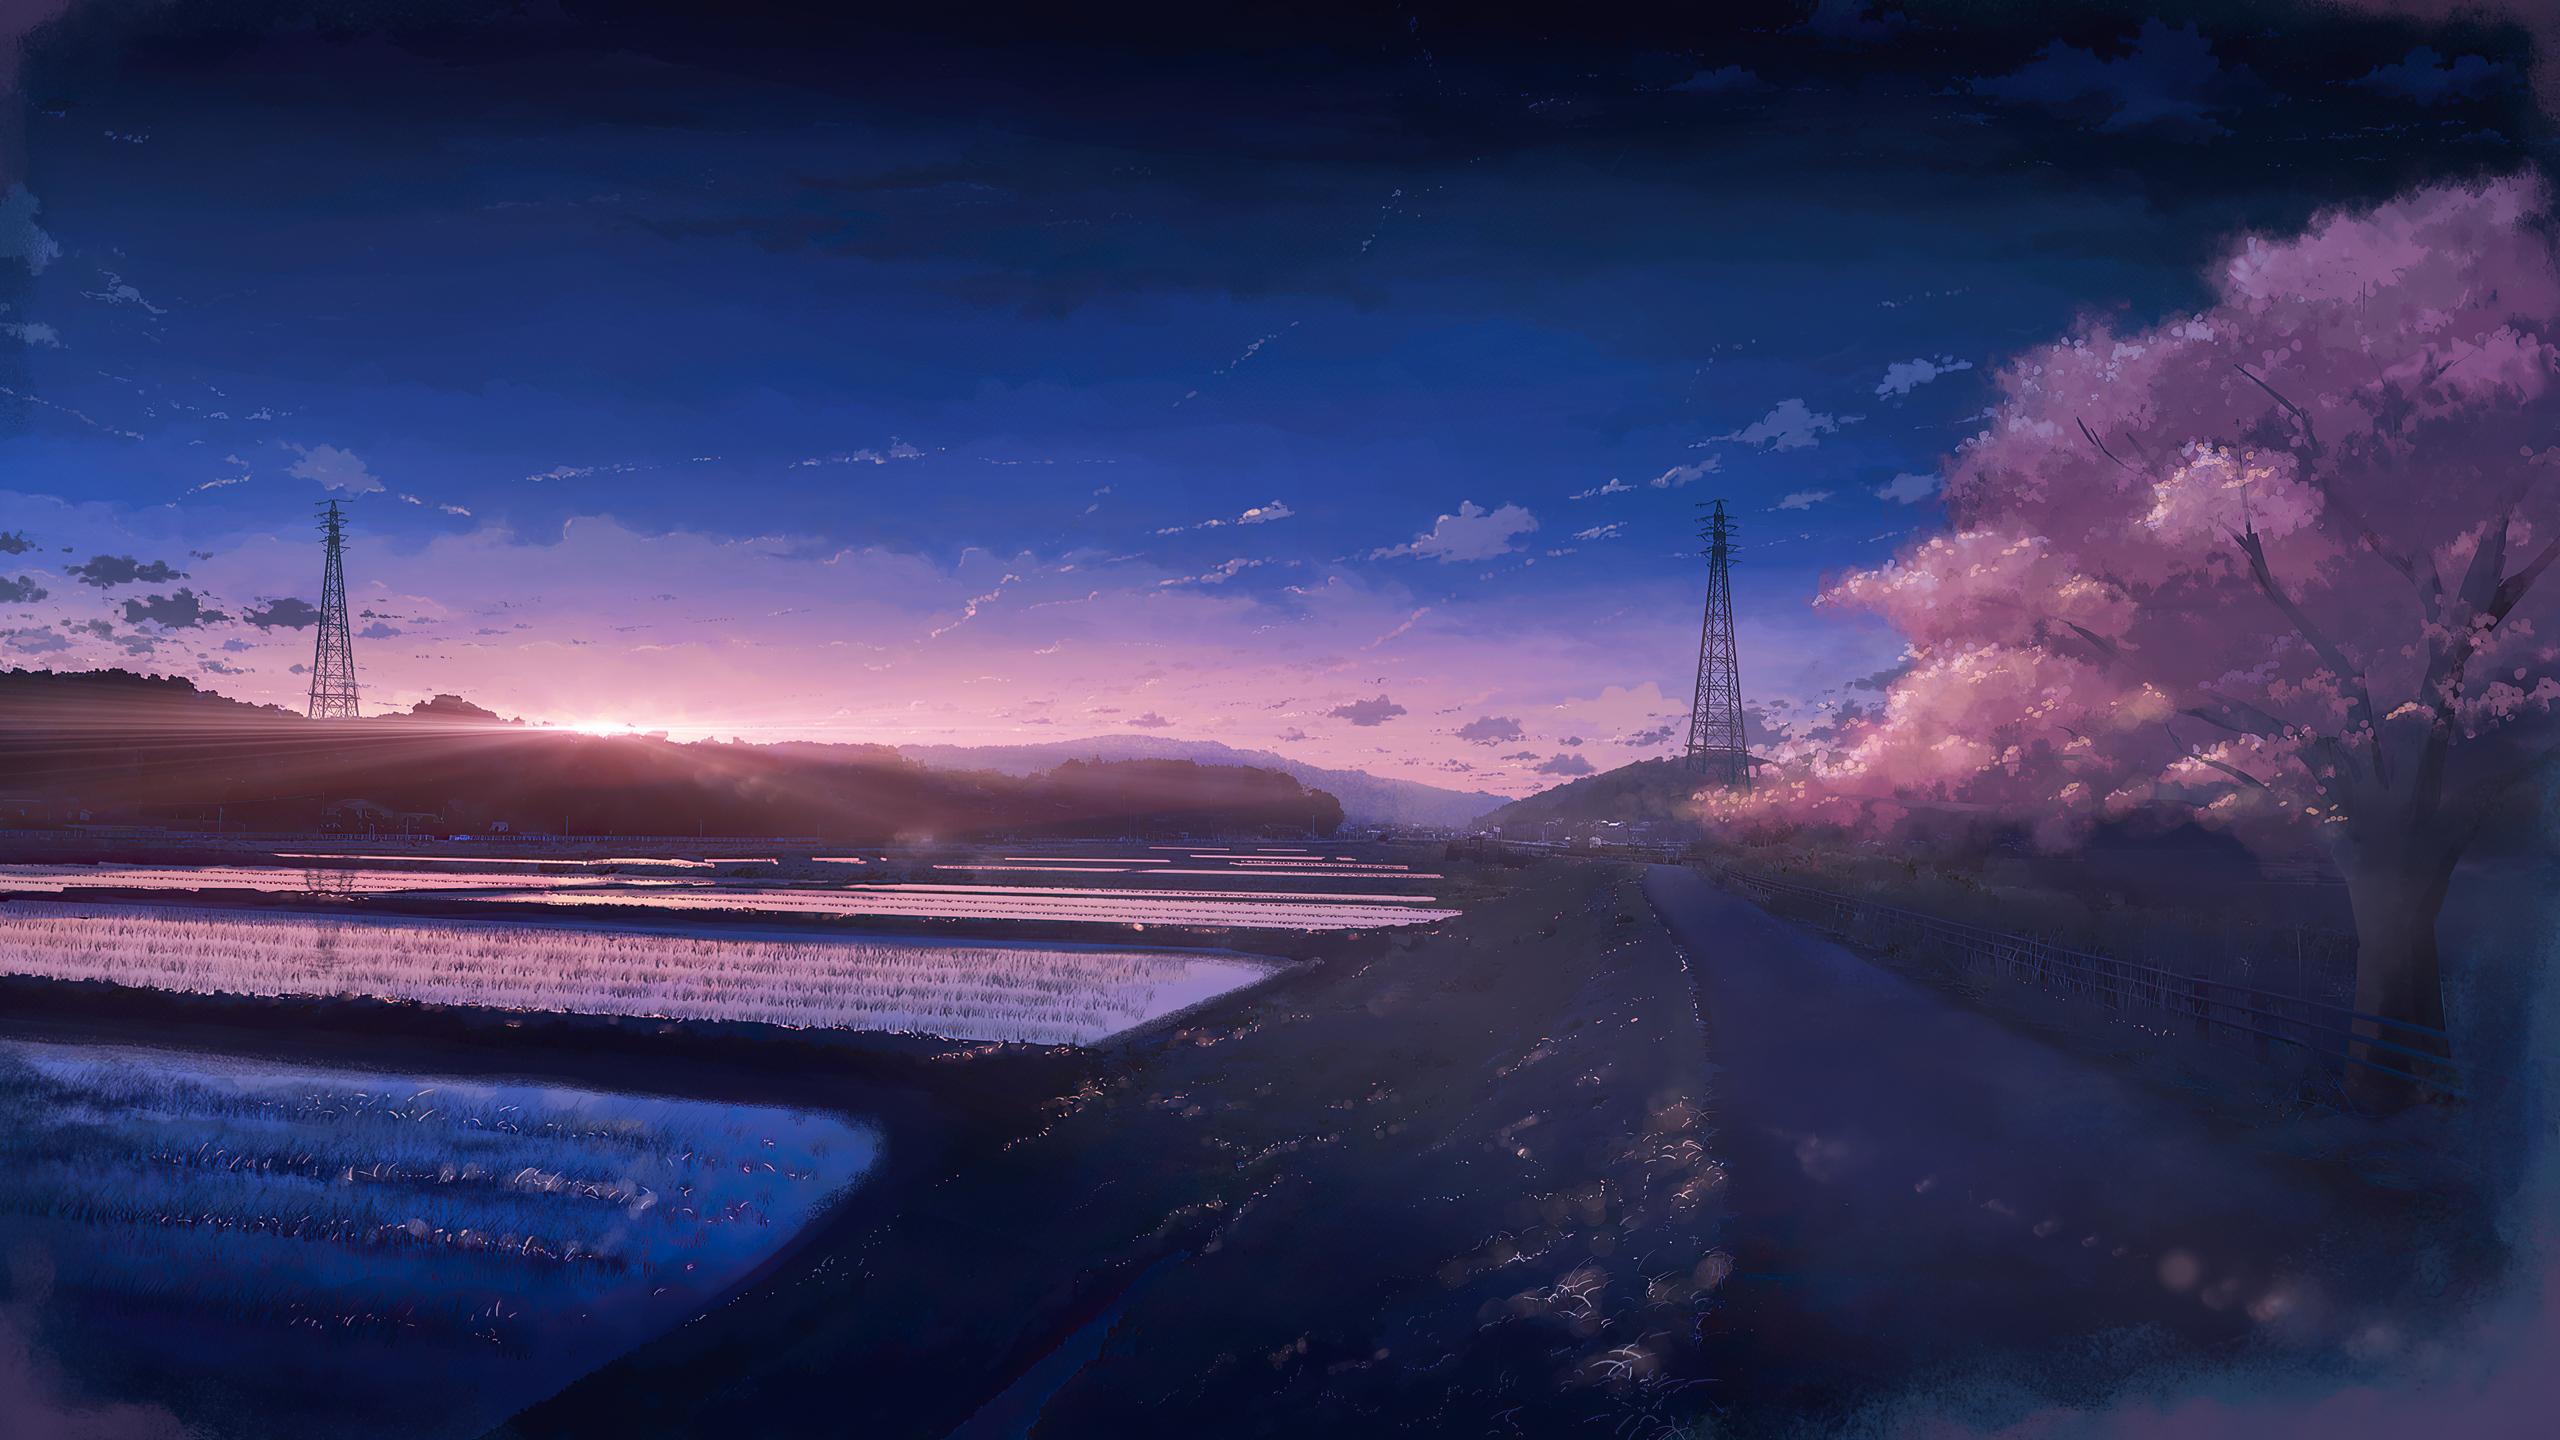 2560x1440 Anime Scenery Field 4k 1440P Resolution HD 4k ...